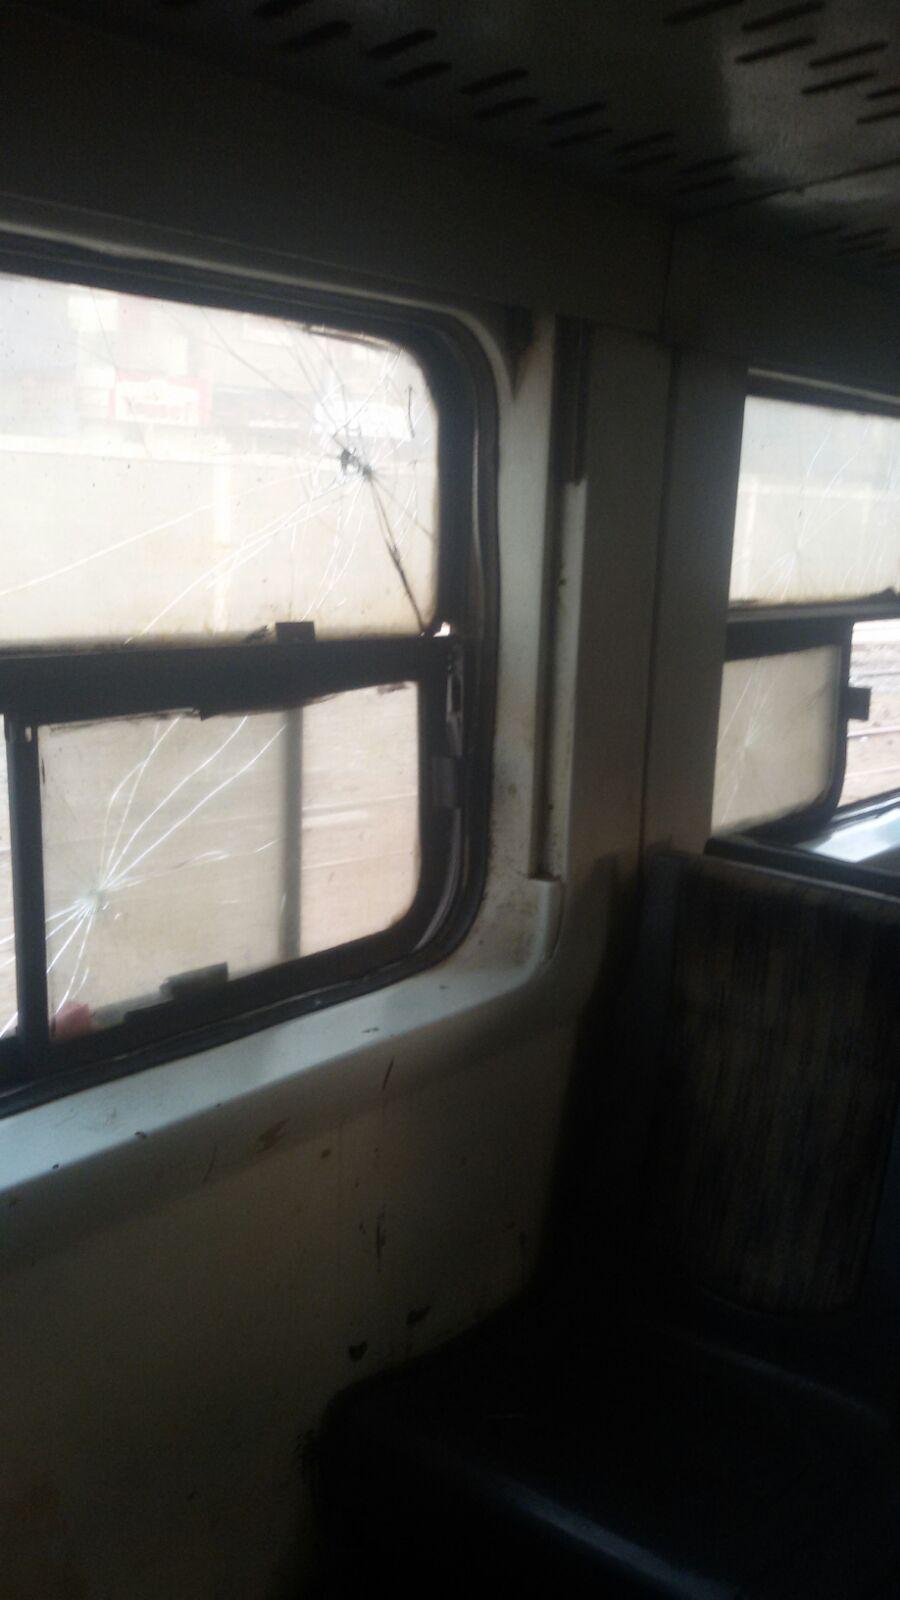 بالصور.. رحلة قطار الزقازيق ـ المنصورة: زجاج مكسر وحمامات غير آدمية